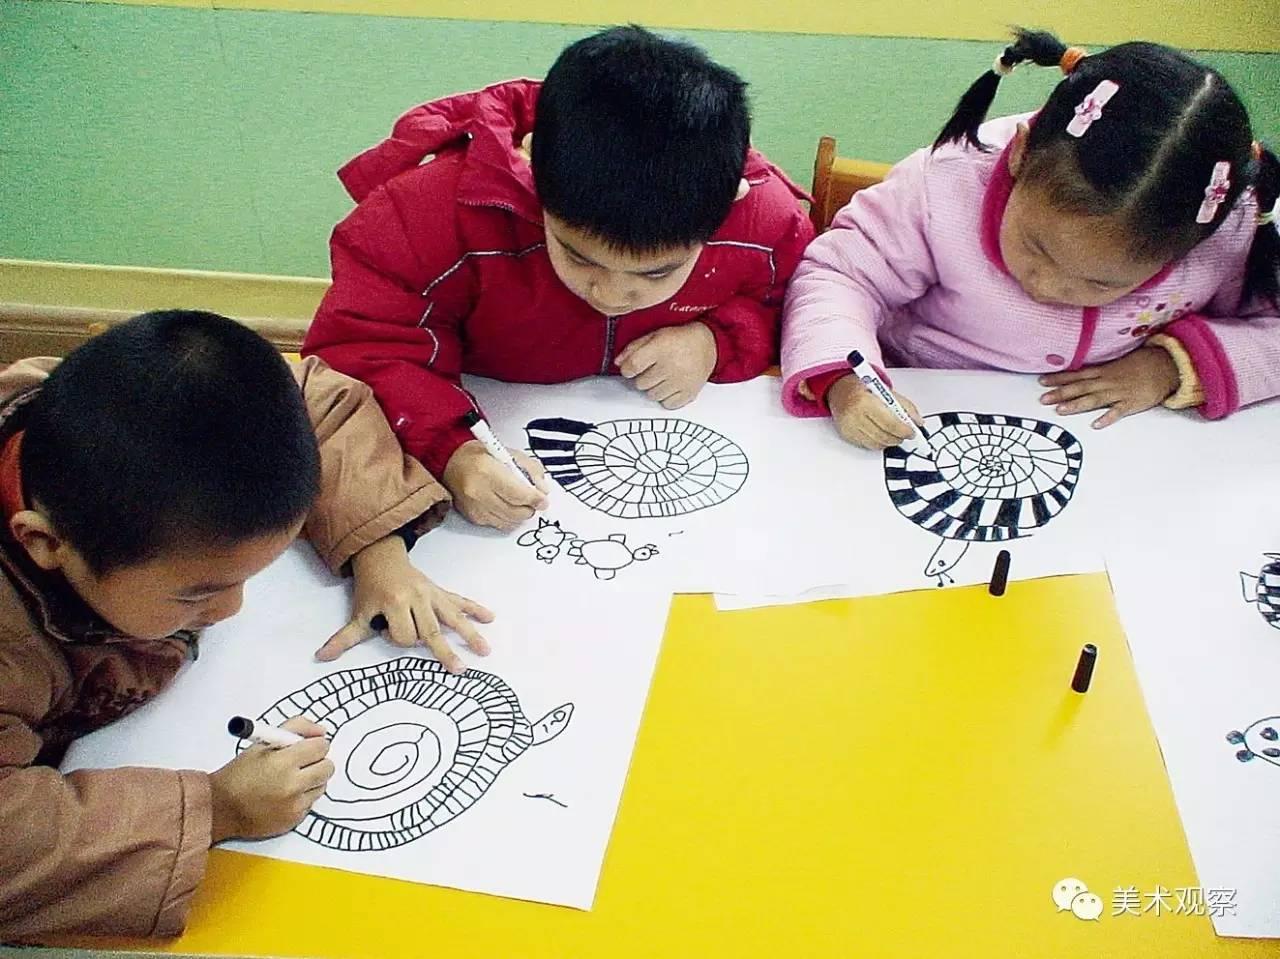 幼儿绘画集,看过就能教孩子 - 秋浦人家 - 秋浦人家博客家园欢迎您